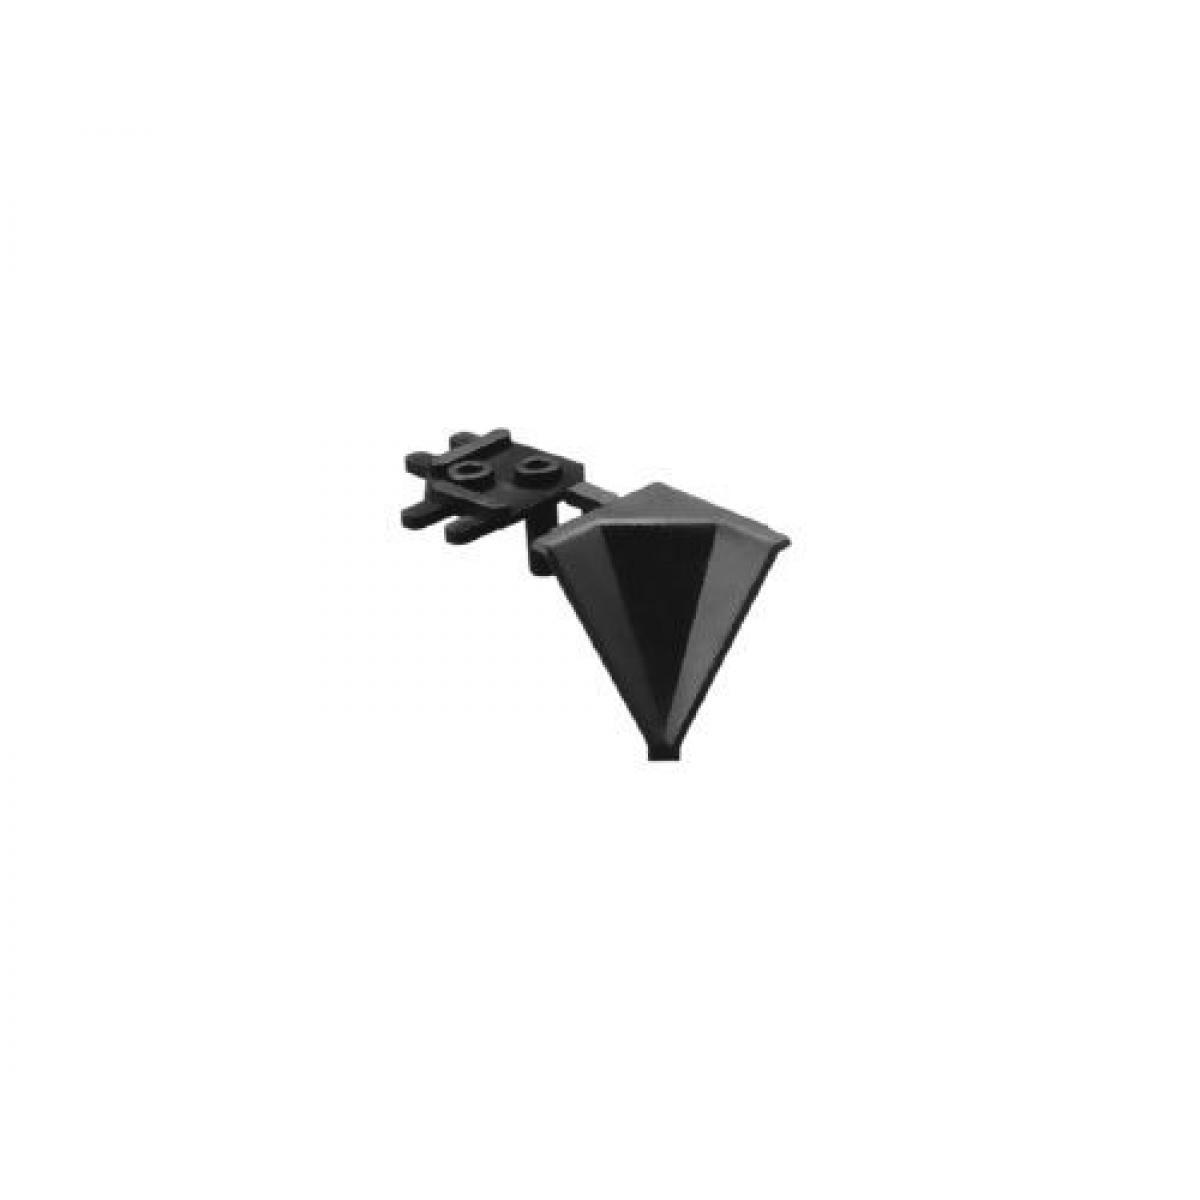 Угол внутренний 90 гр к плинтусу столешницы AA14107, цвет серый